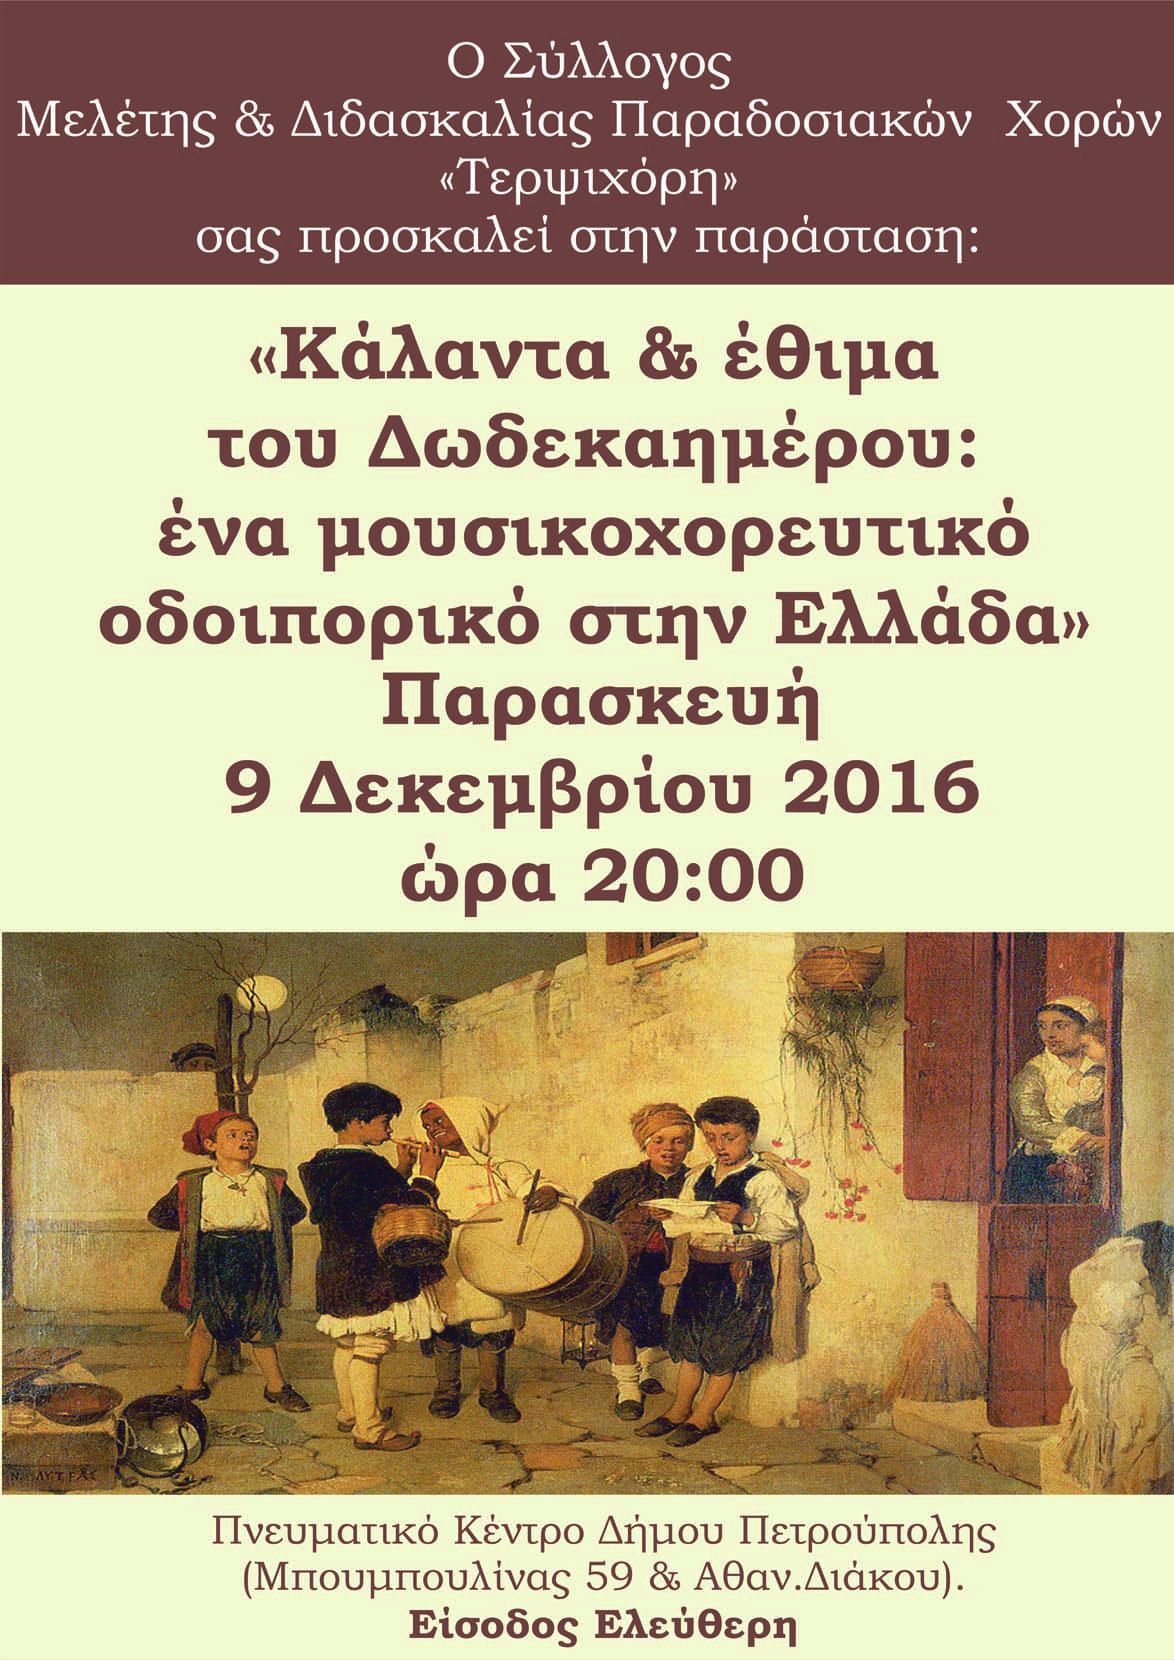 Εκτυπώσεις - Φωτοτυπίες - Γραφιστικά   Copyshop2.gr - Πετρούπολη   Παράσταση